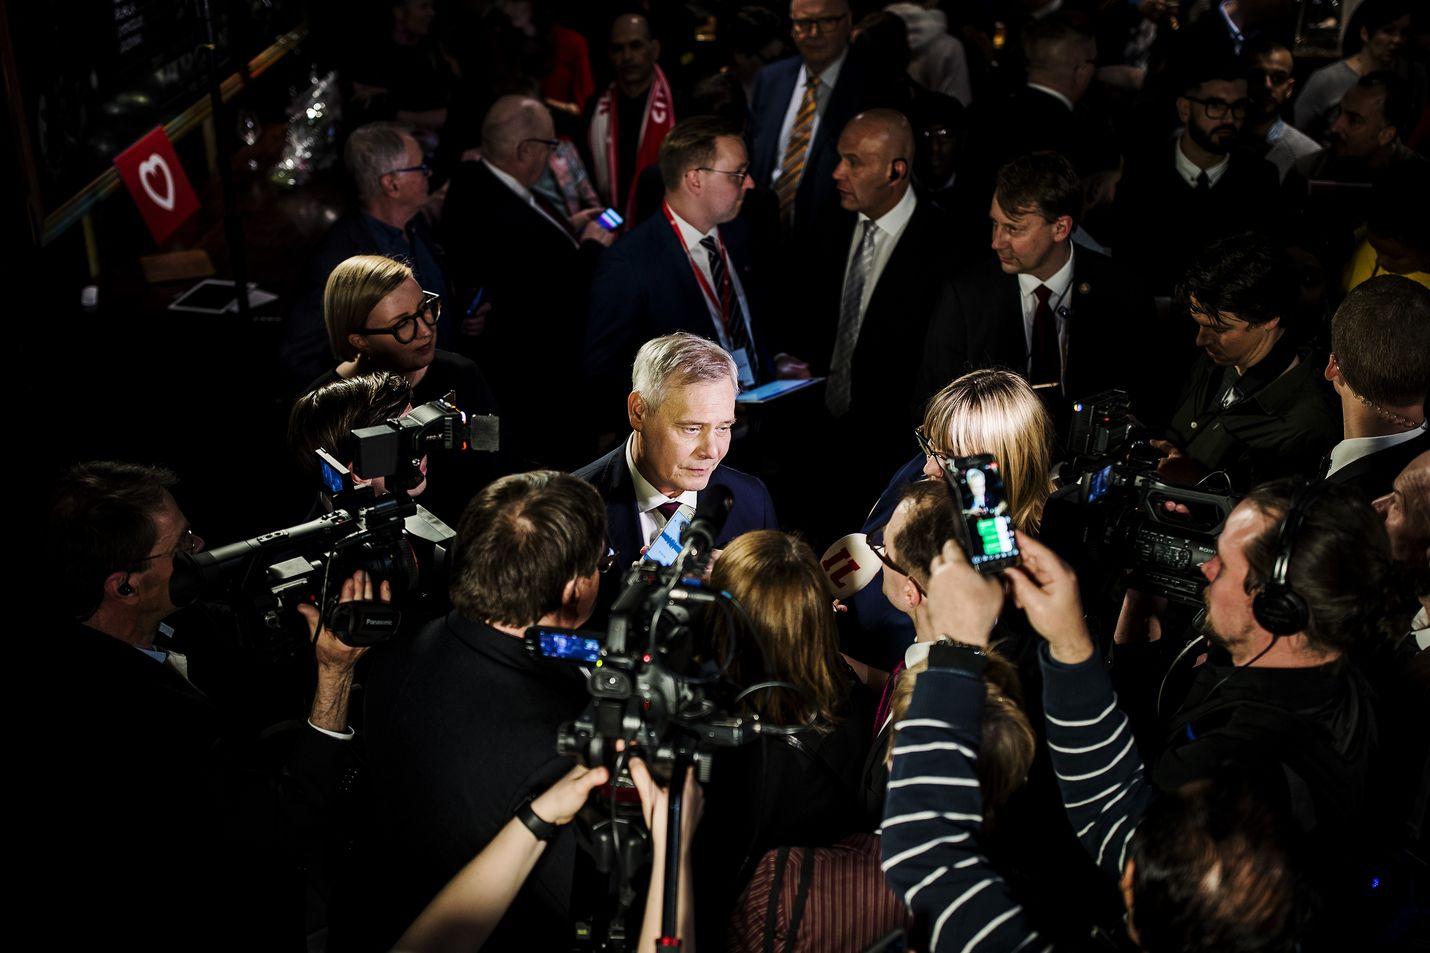 Pääministeri Antti Rinteen puolue sdp sai vaalivoiton huhtikuussa. Yksi Rinteen hallituksen kovimmista tavoitteista on työllisyysasteen nosto 75:een.